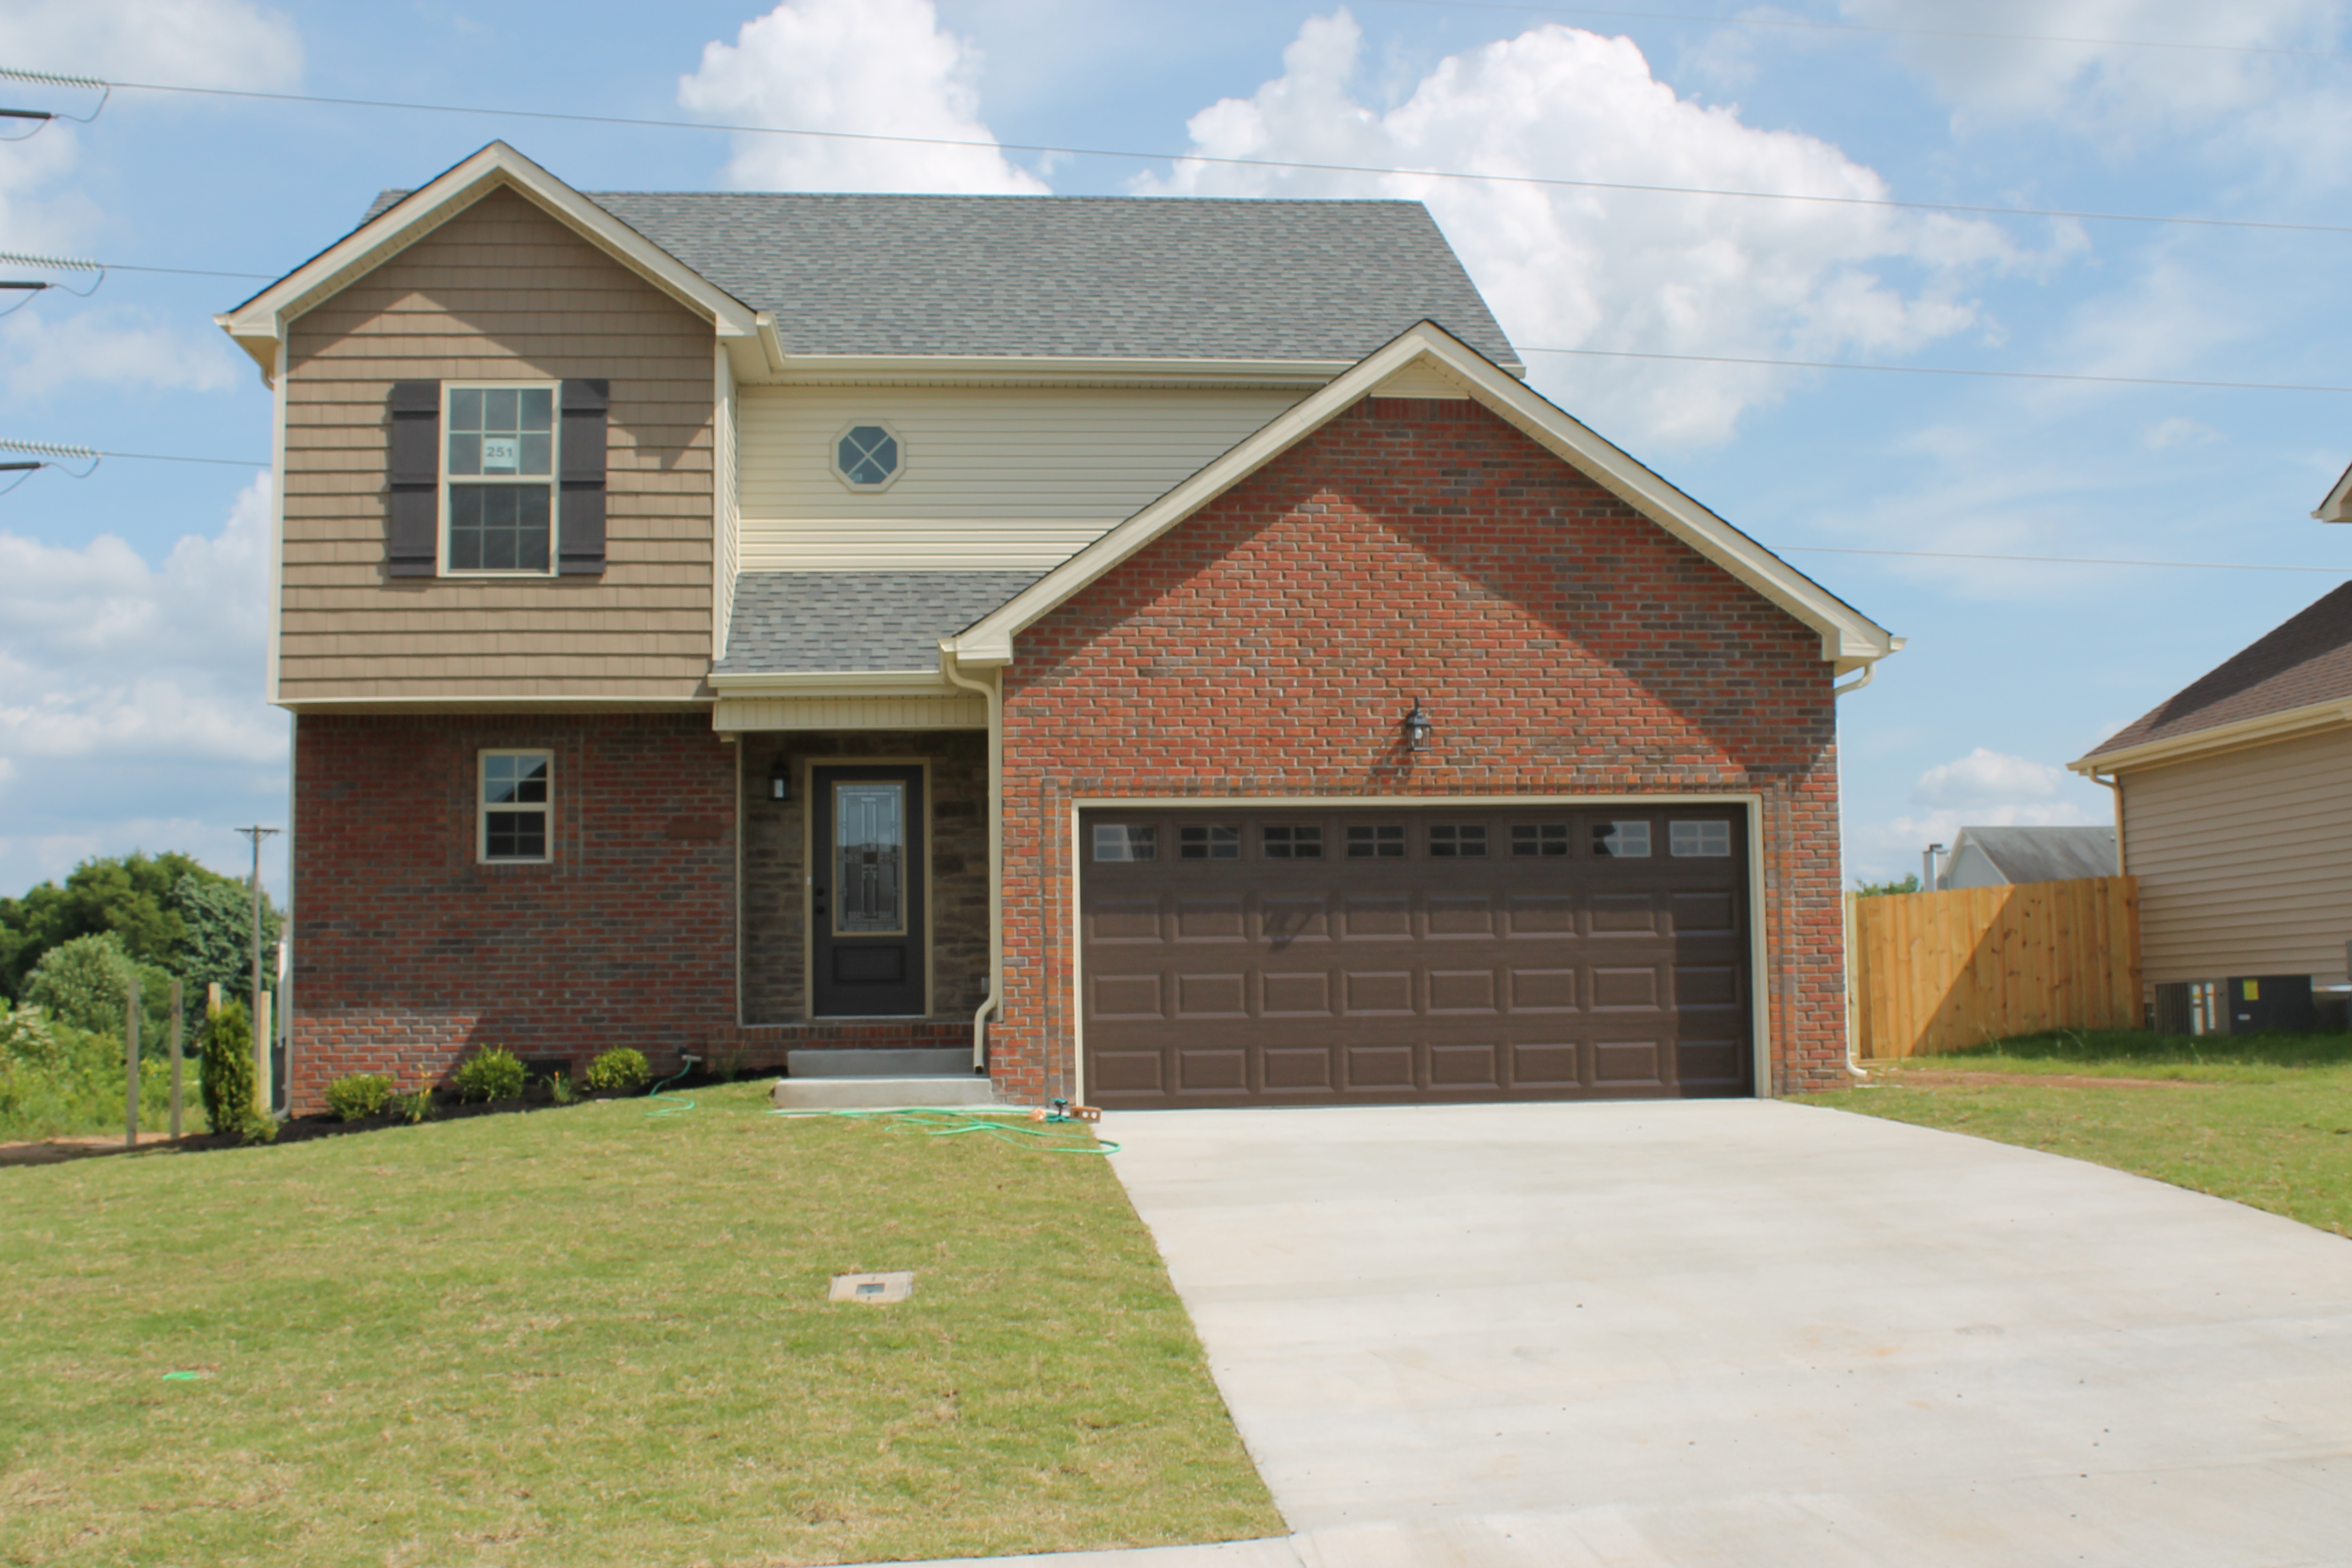 1014 Dwight Eisenhower Way Clarksville, TN 37042